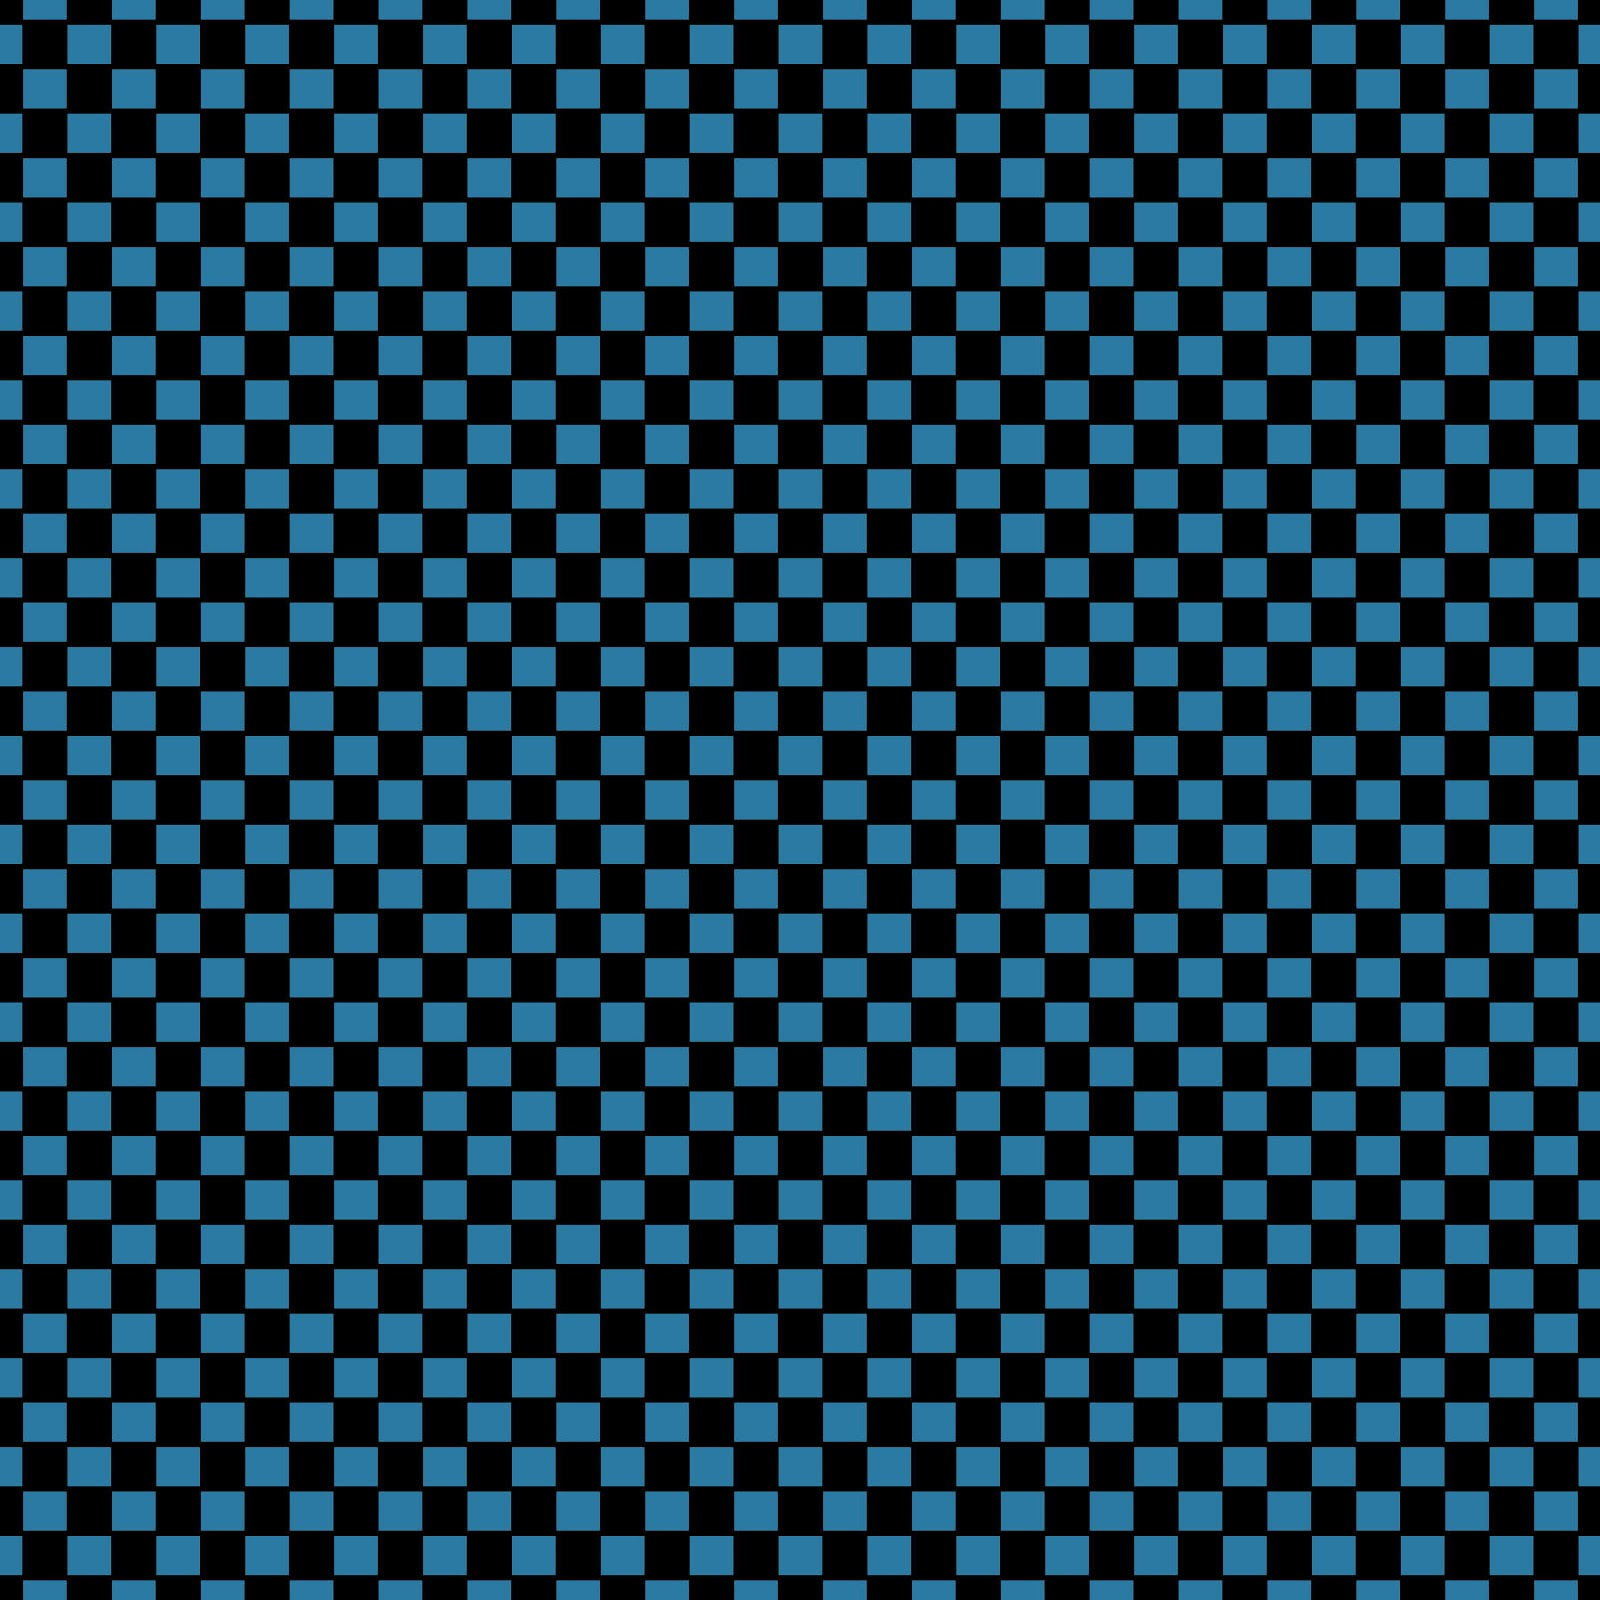 blue and black checkboard.jpg